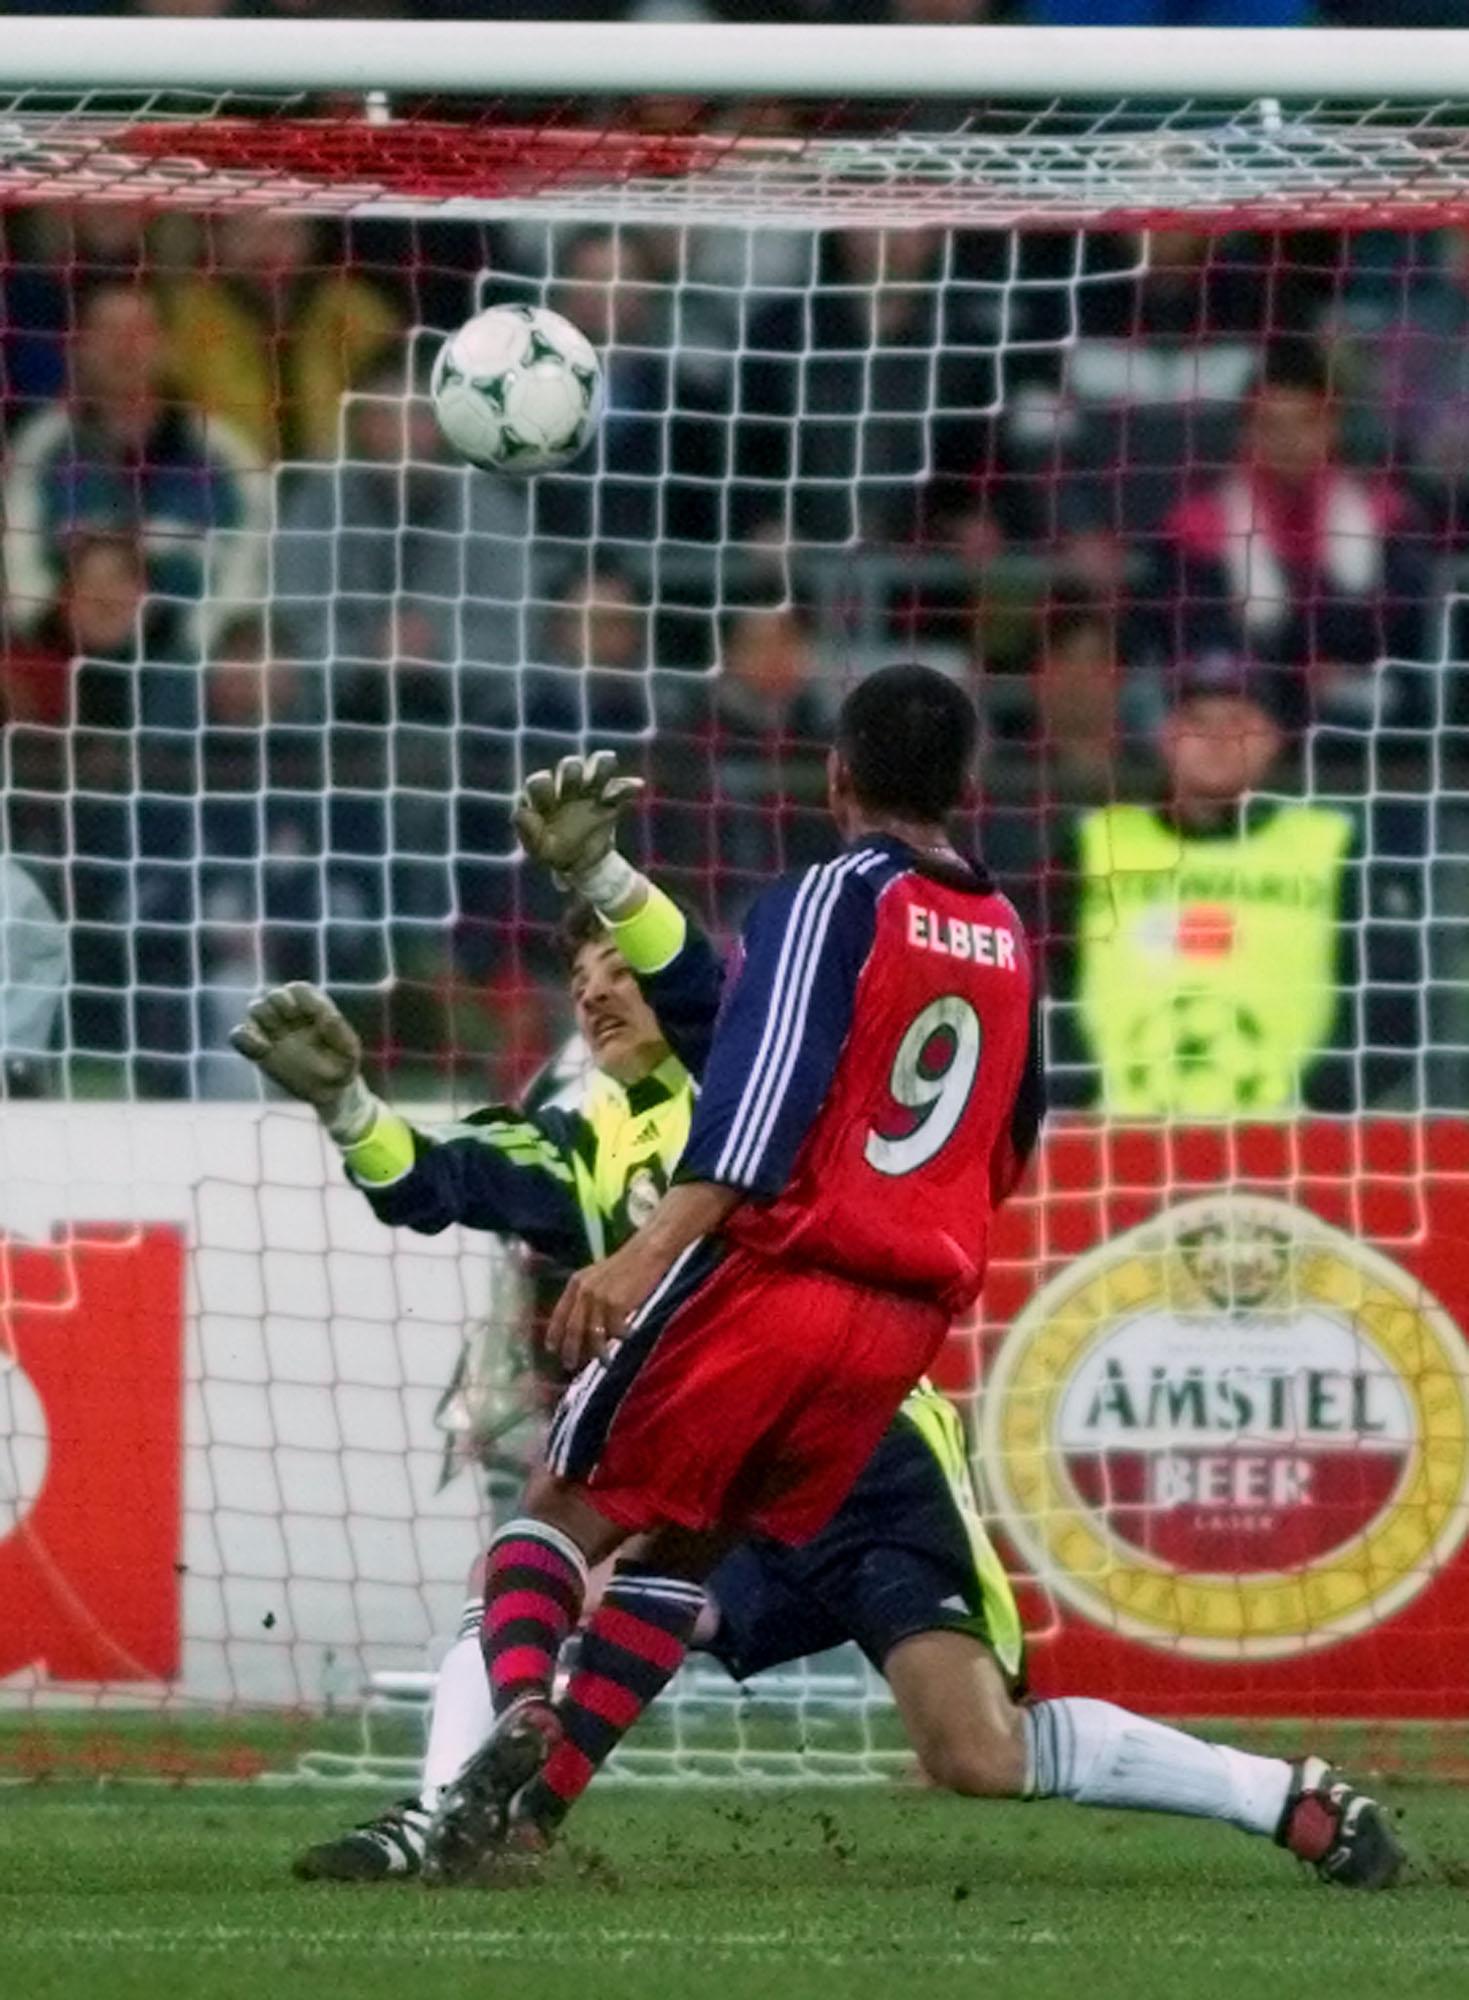 Élber, batiendo a Casillas en un partido de Champions League del año 2000 (GTRES).